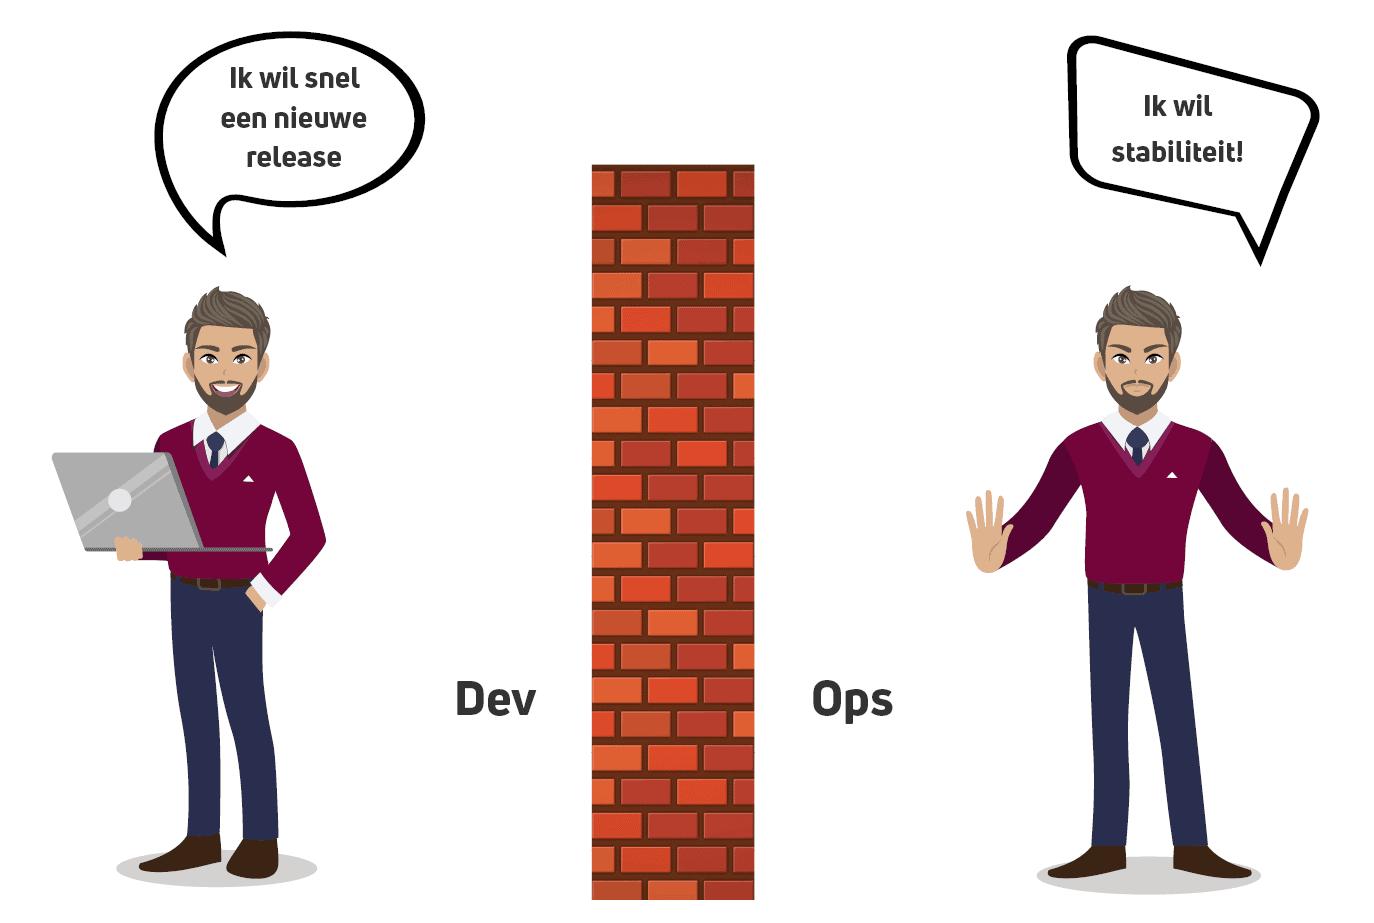 DevOps wall